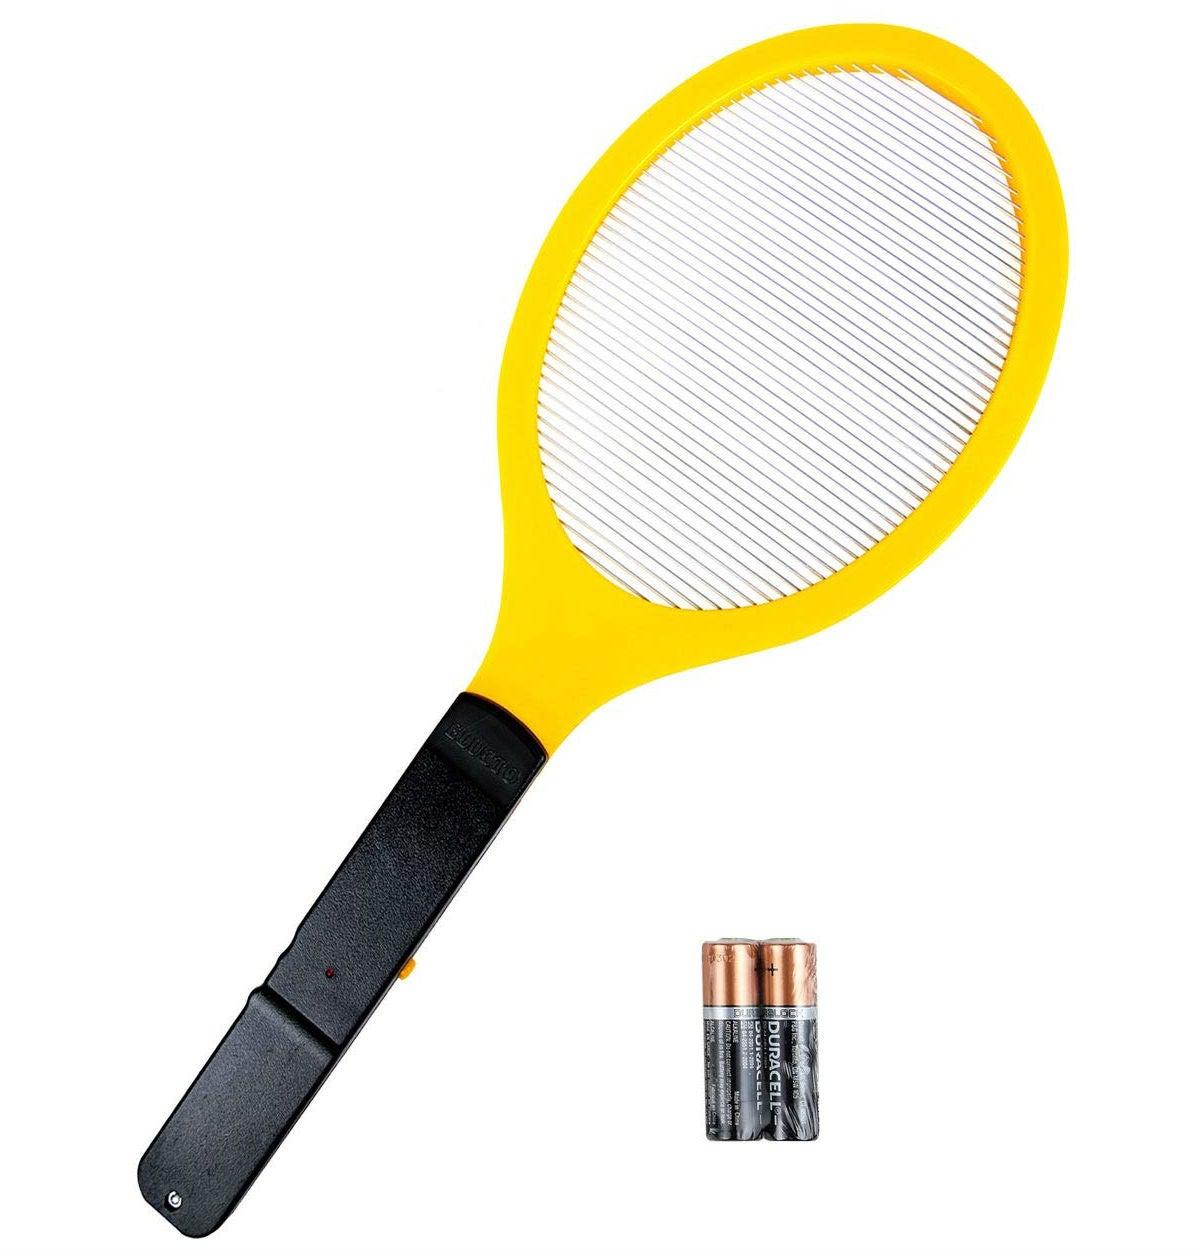 Best Racket-Type Bug Zapper: ELUCTO